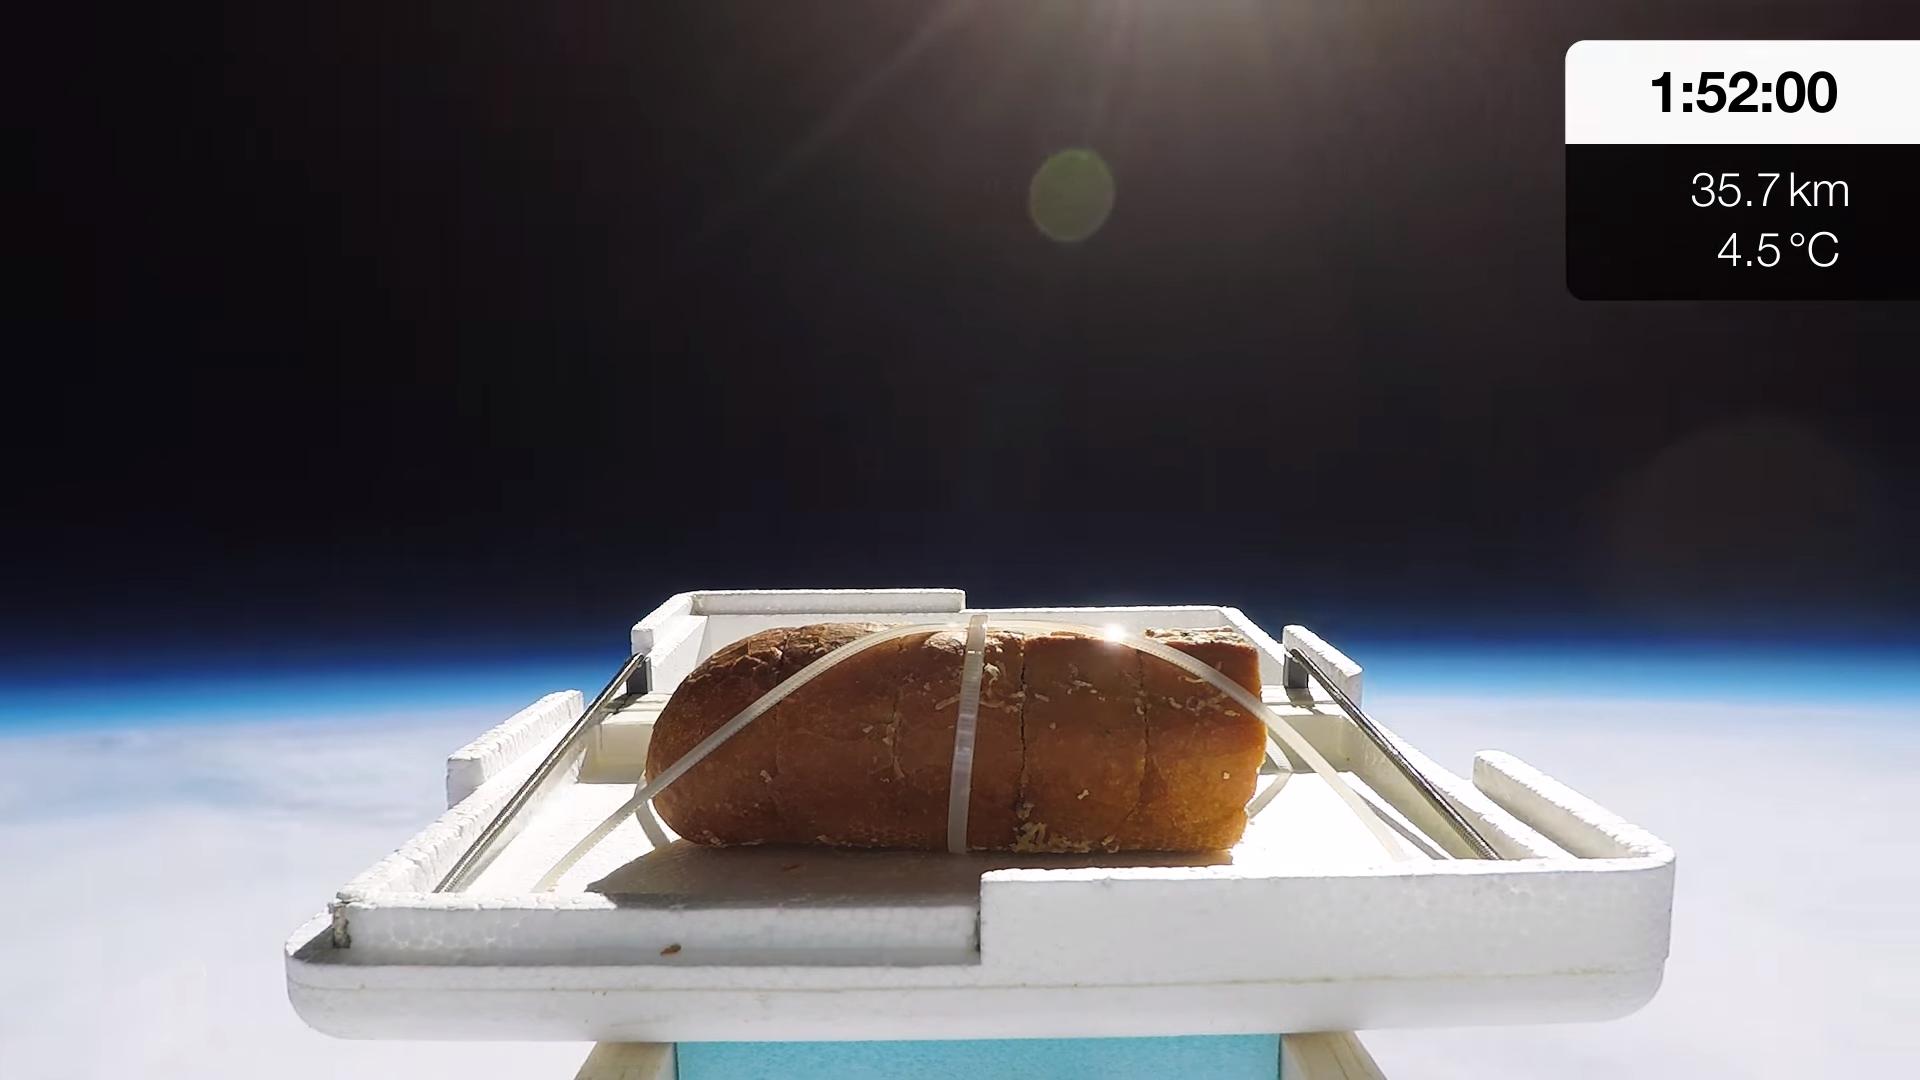 Блогер запустил хлеб в стратосферу, чтобы оценить новый вкус